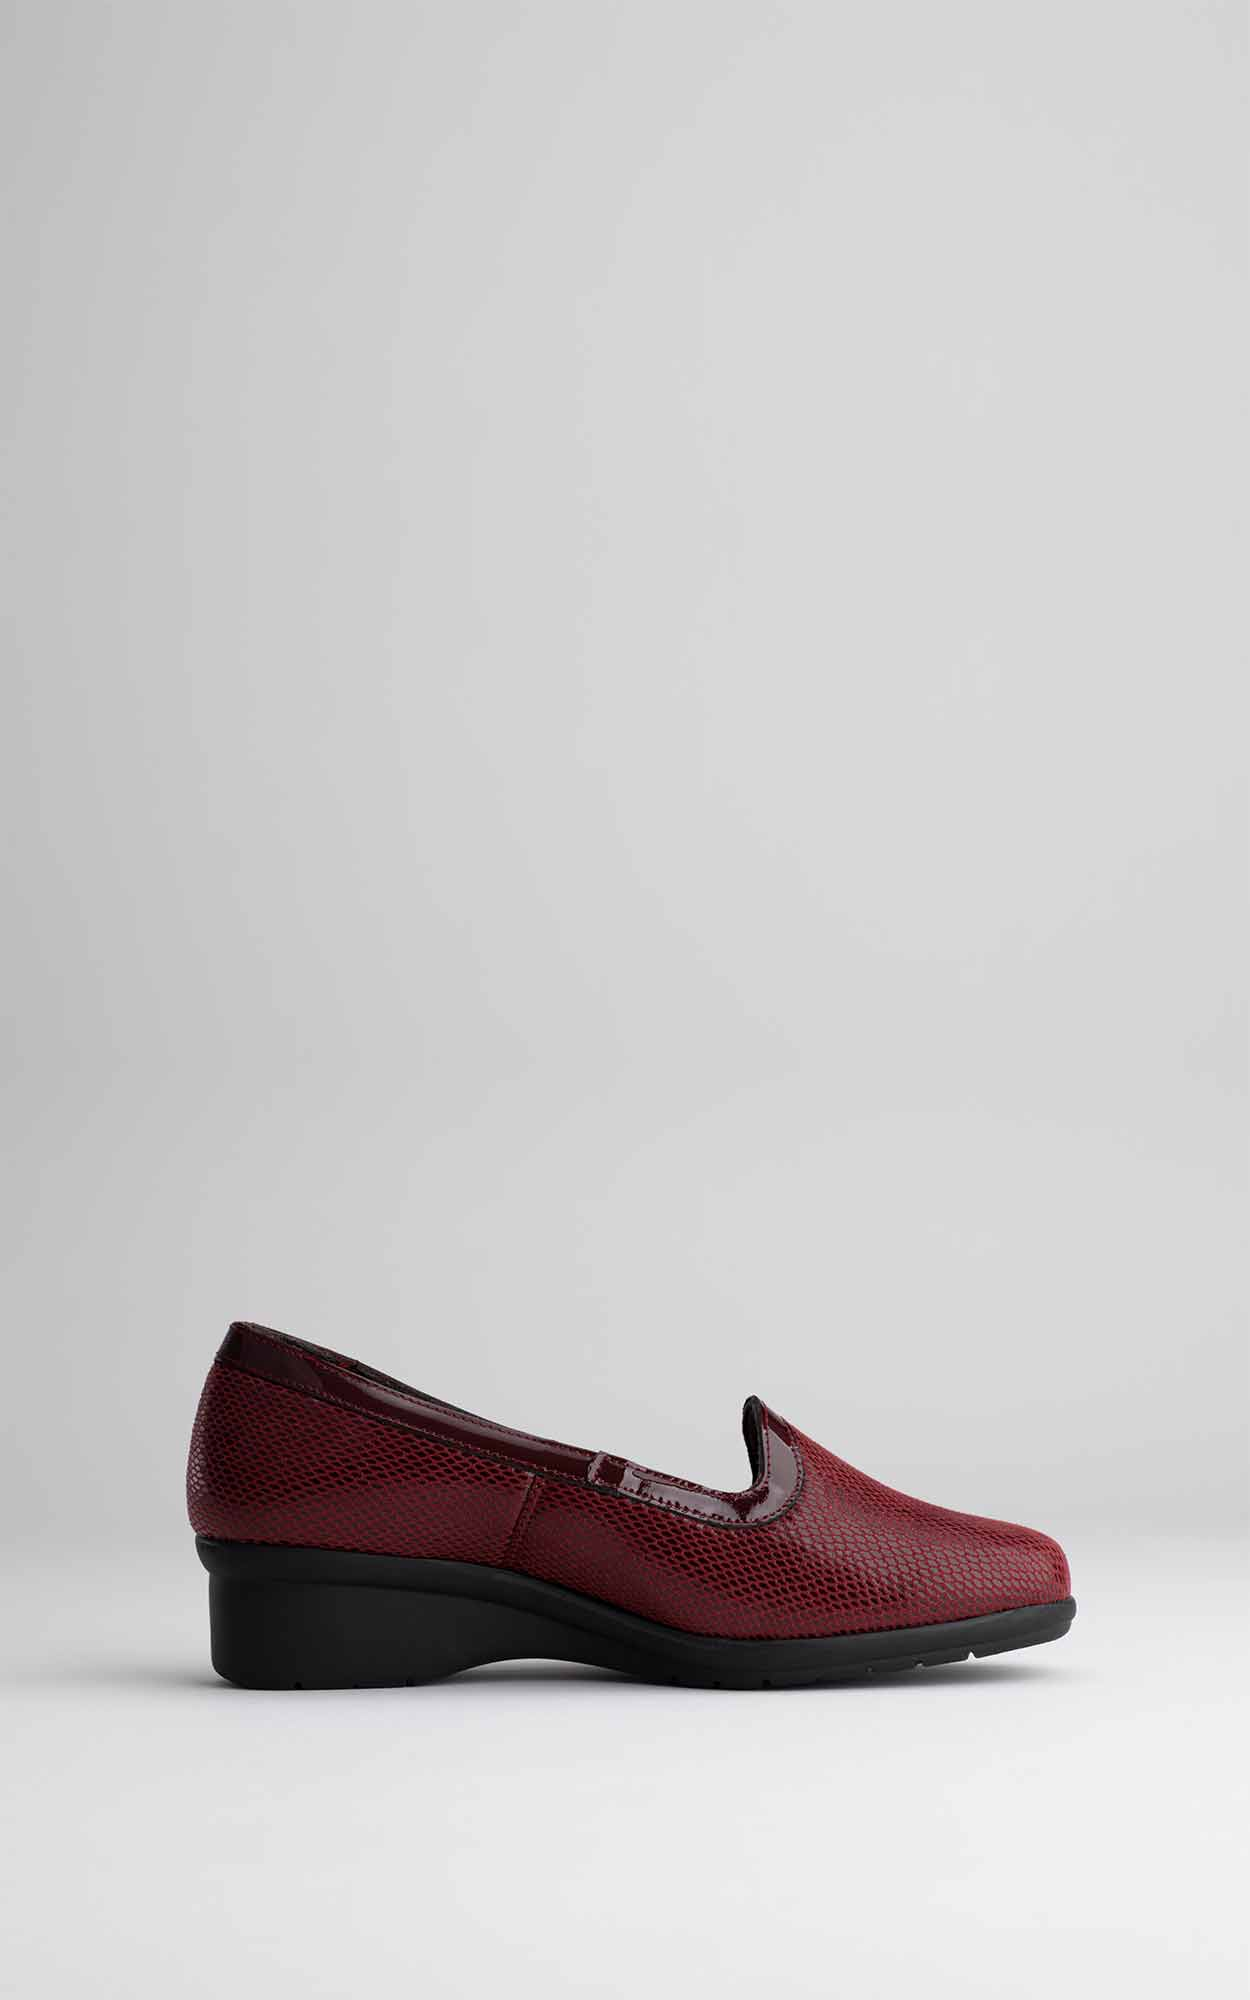 Foto de estudio de zapatos moderno rojo